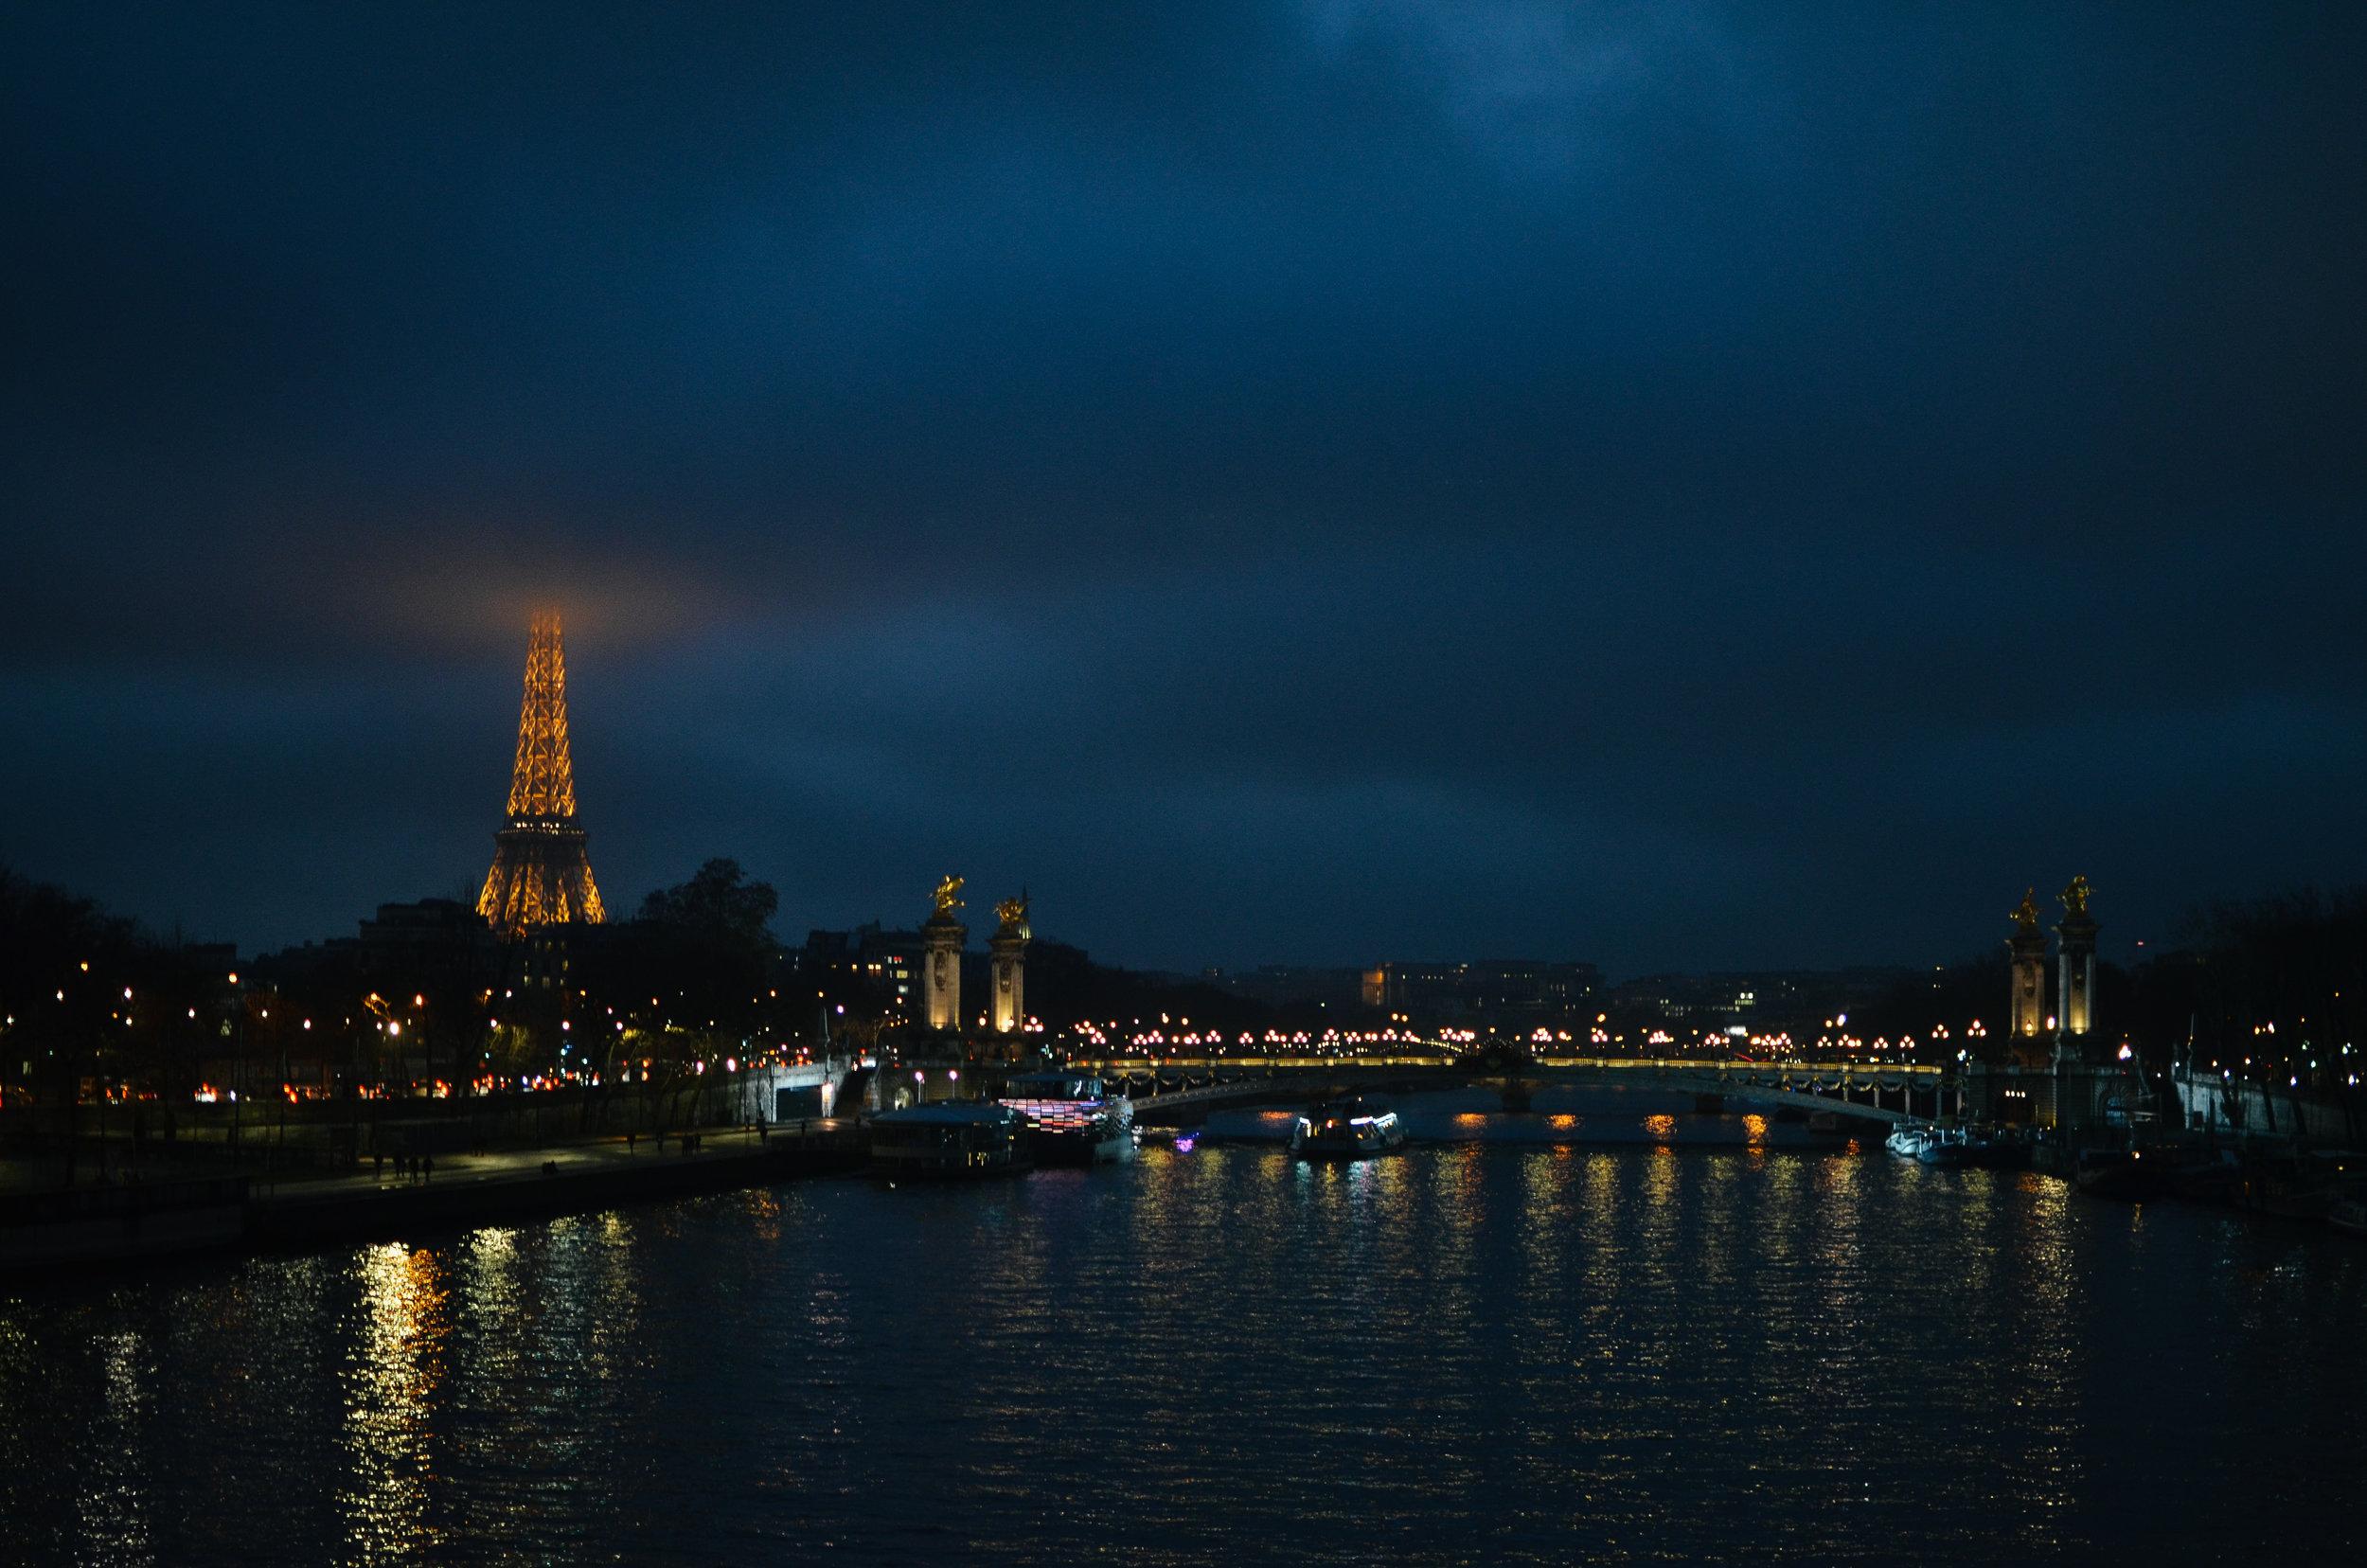 paris-france-travel-guide-lifeonpine_DSC_0383.jpg